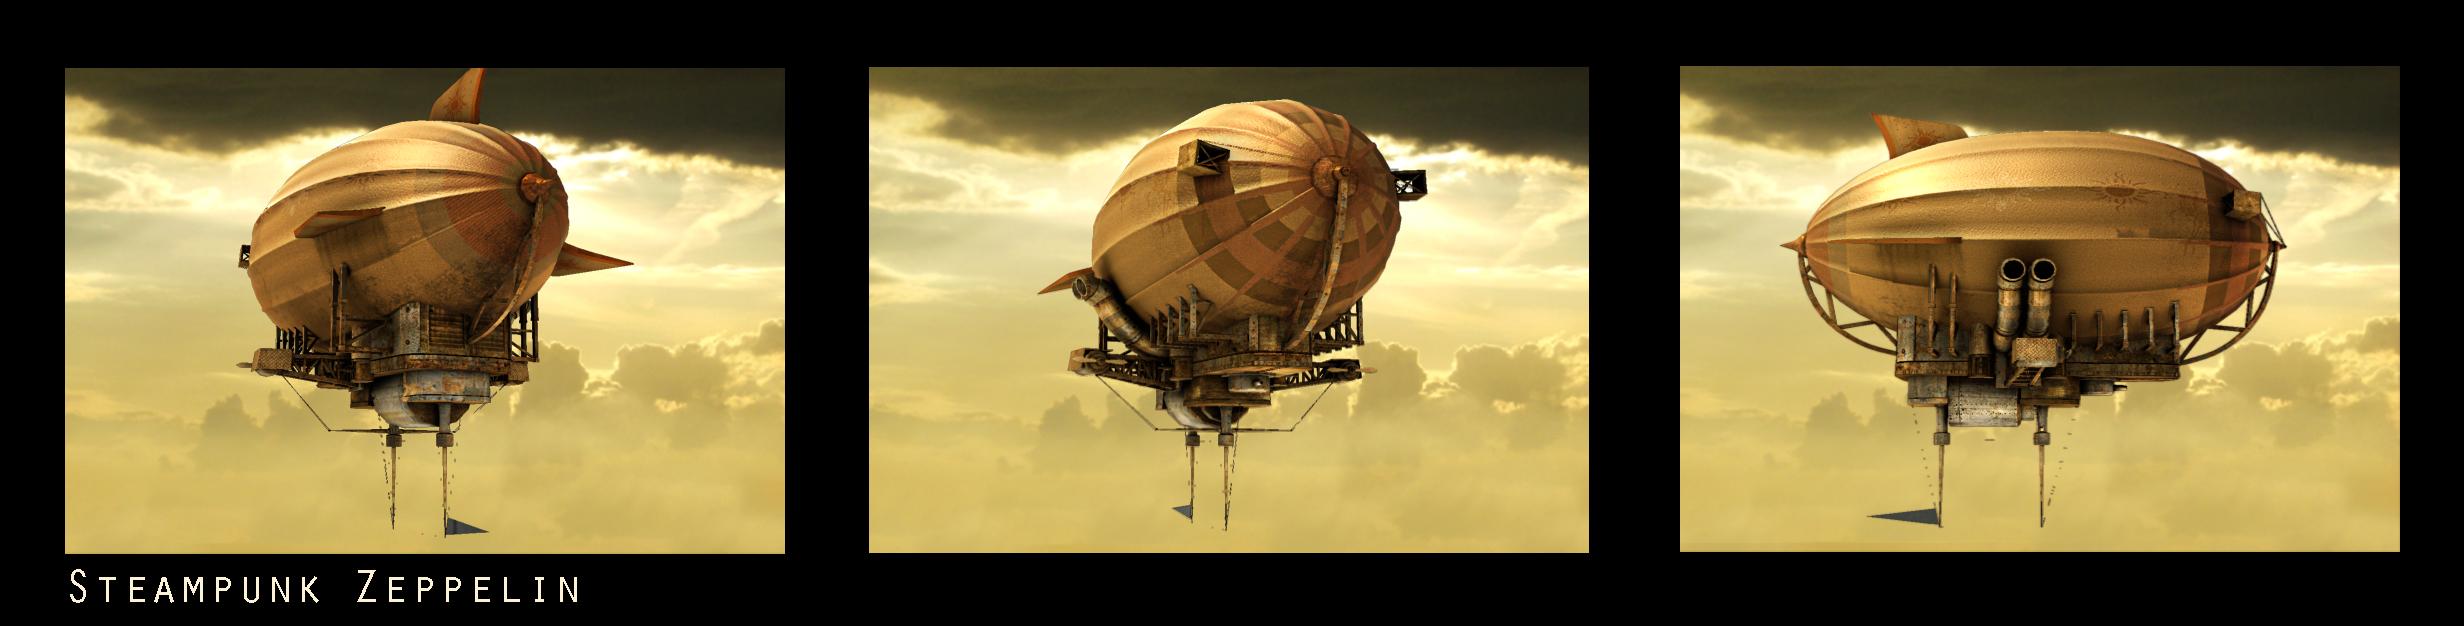 Steampunk Zeppelin Wallpaper Steampunk Zeppelin by